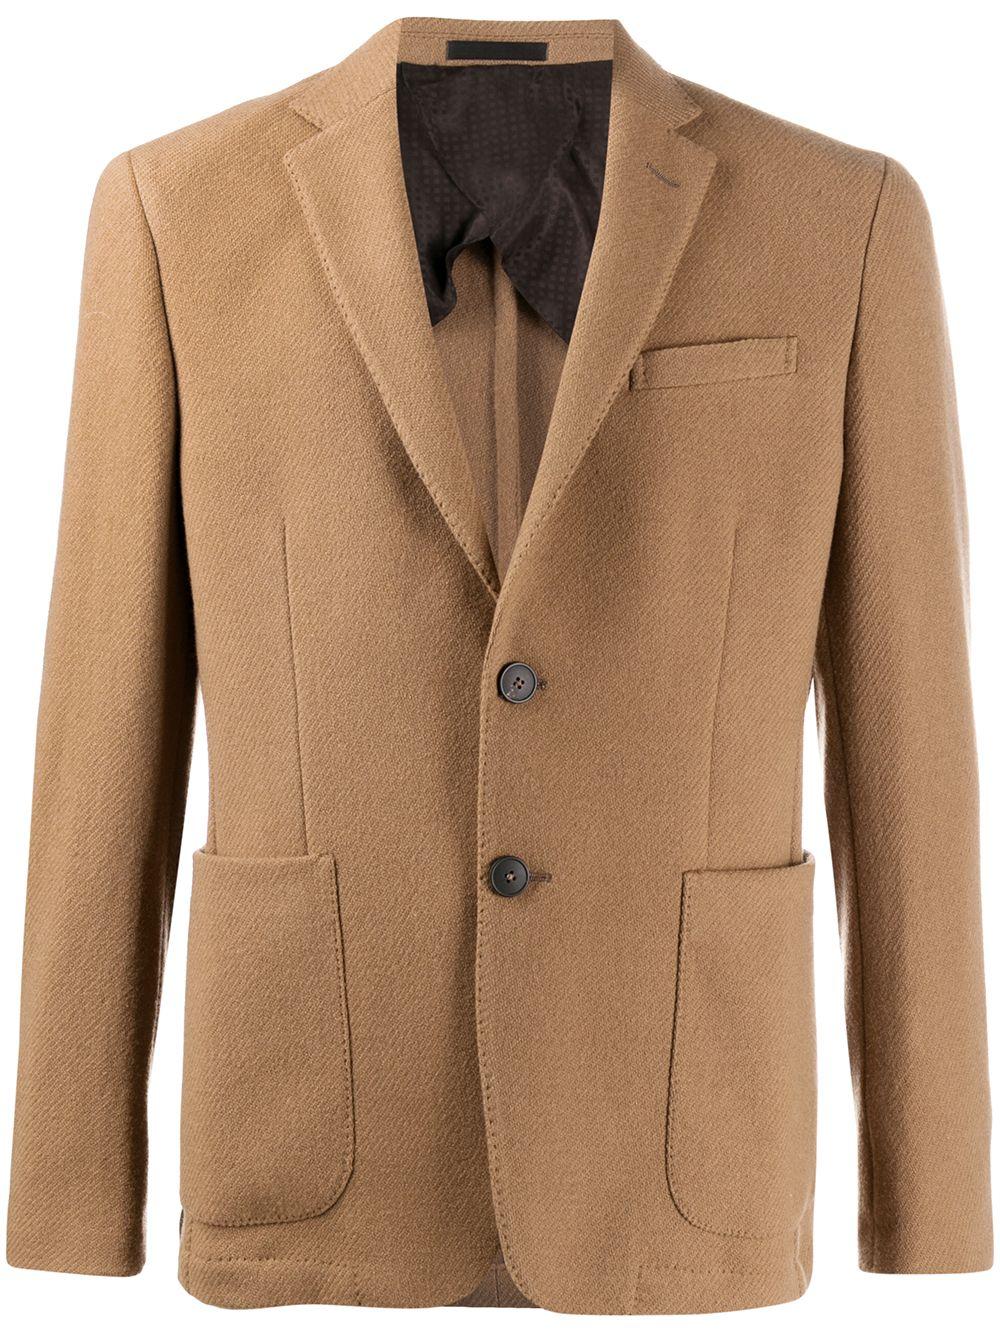 Pal Zileri | Pal Zileri однобортный пиджак узкого кроя | Clouty